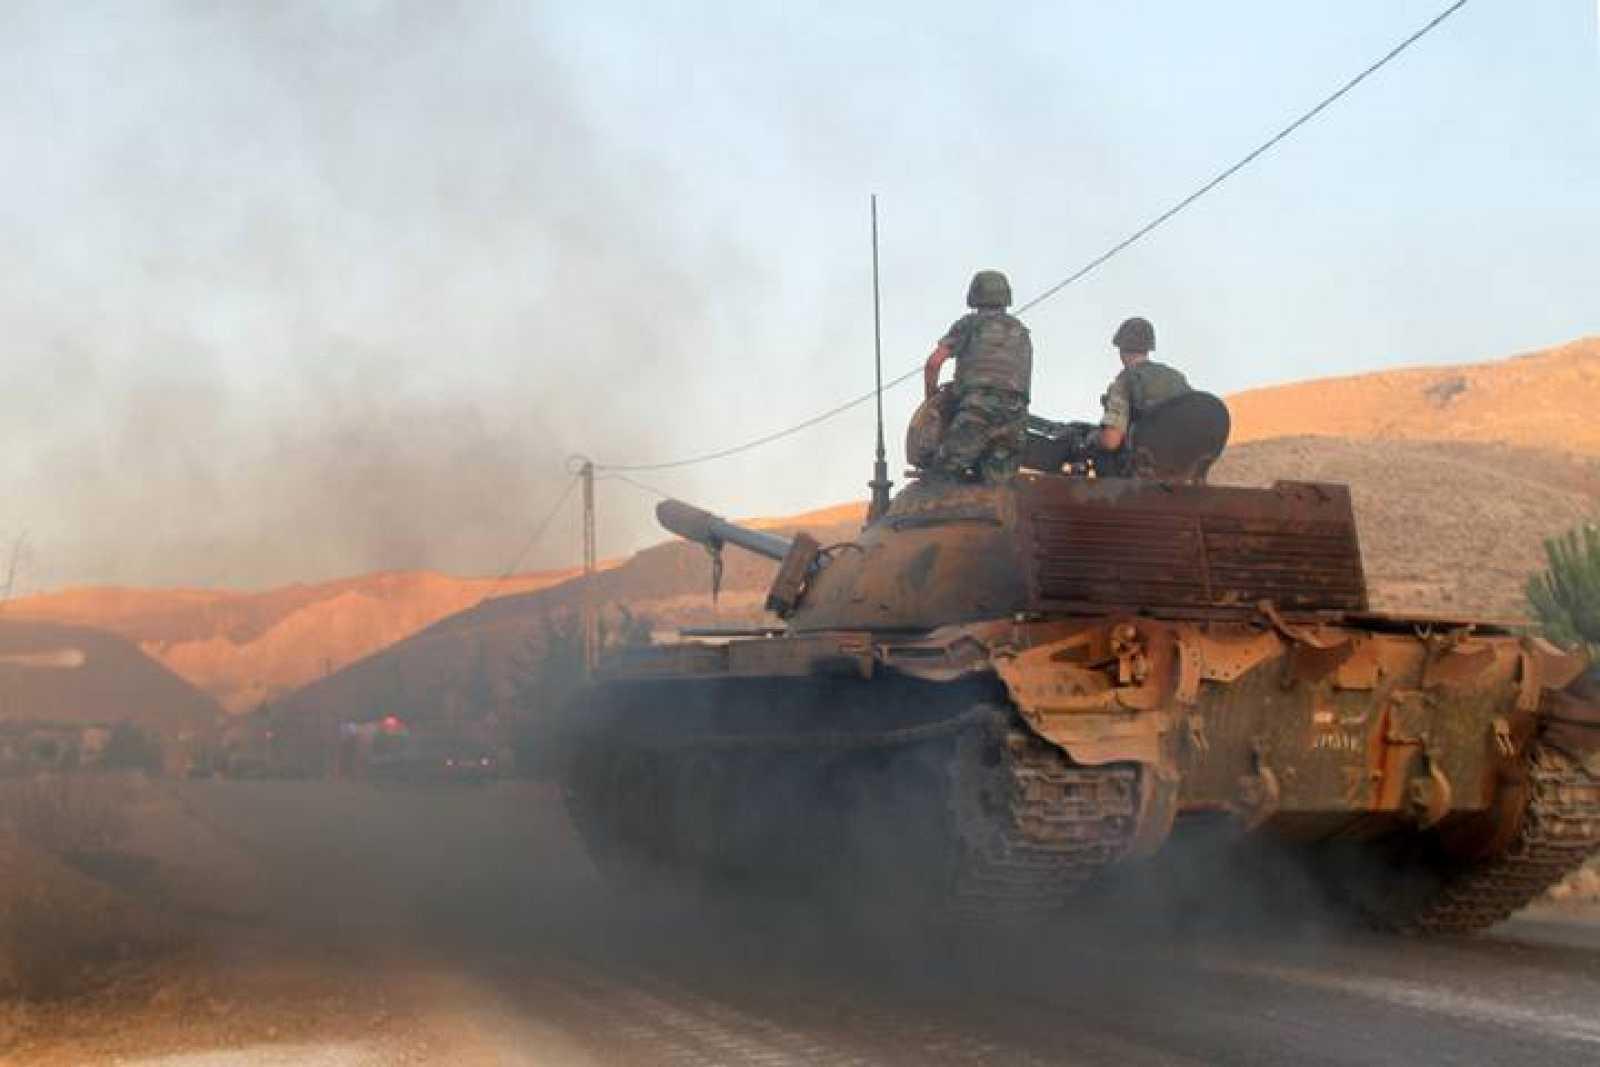 Un tanque del ejército libanés en la entrada de la ciudad de Arsal, cerca de la frontera con Siria.